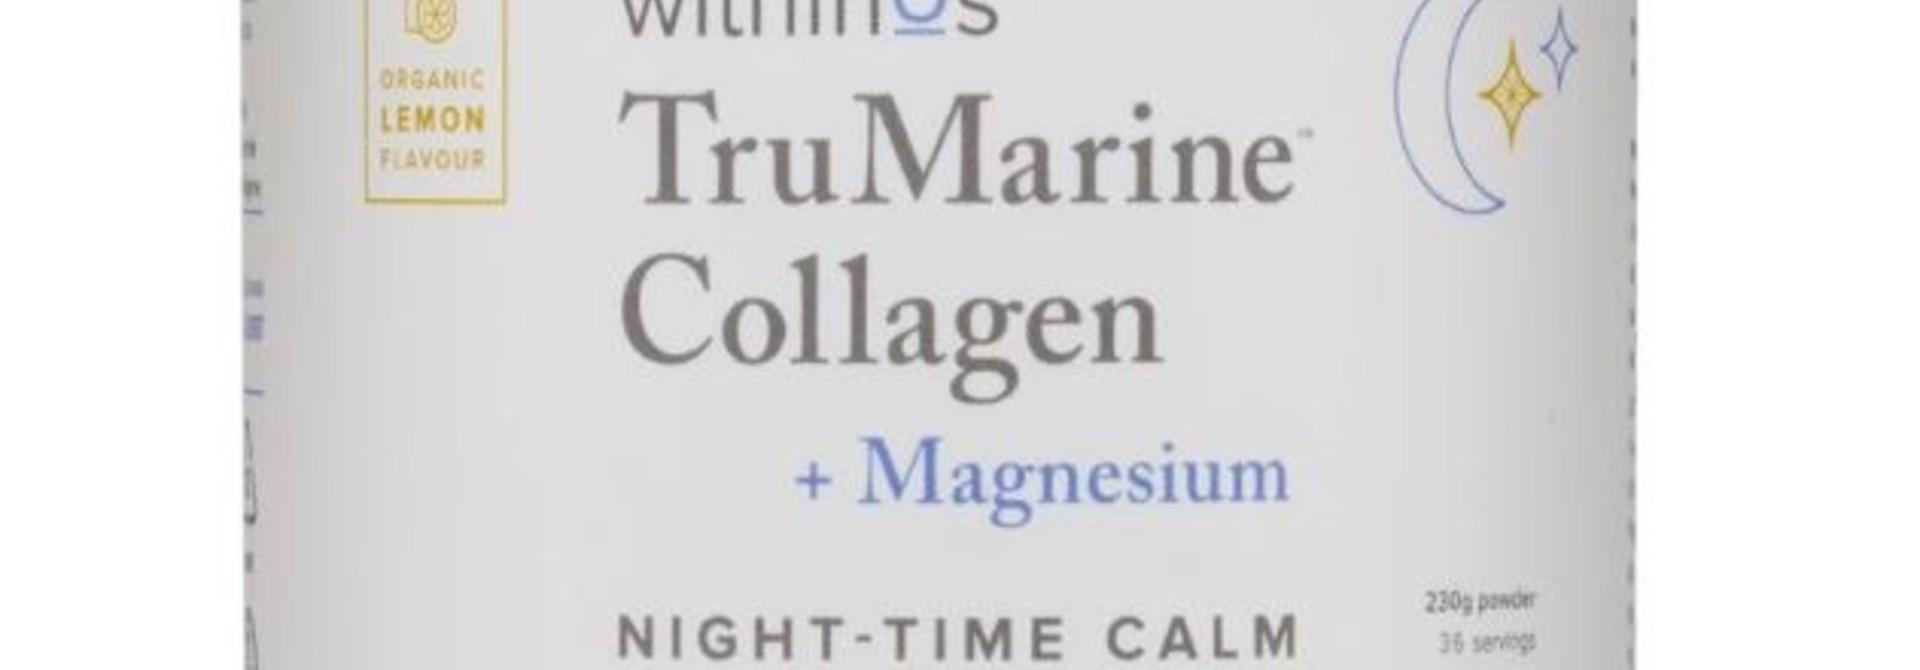 TruMarine - Collagen + Magnesium (230g)